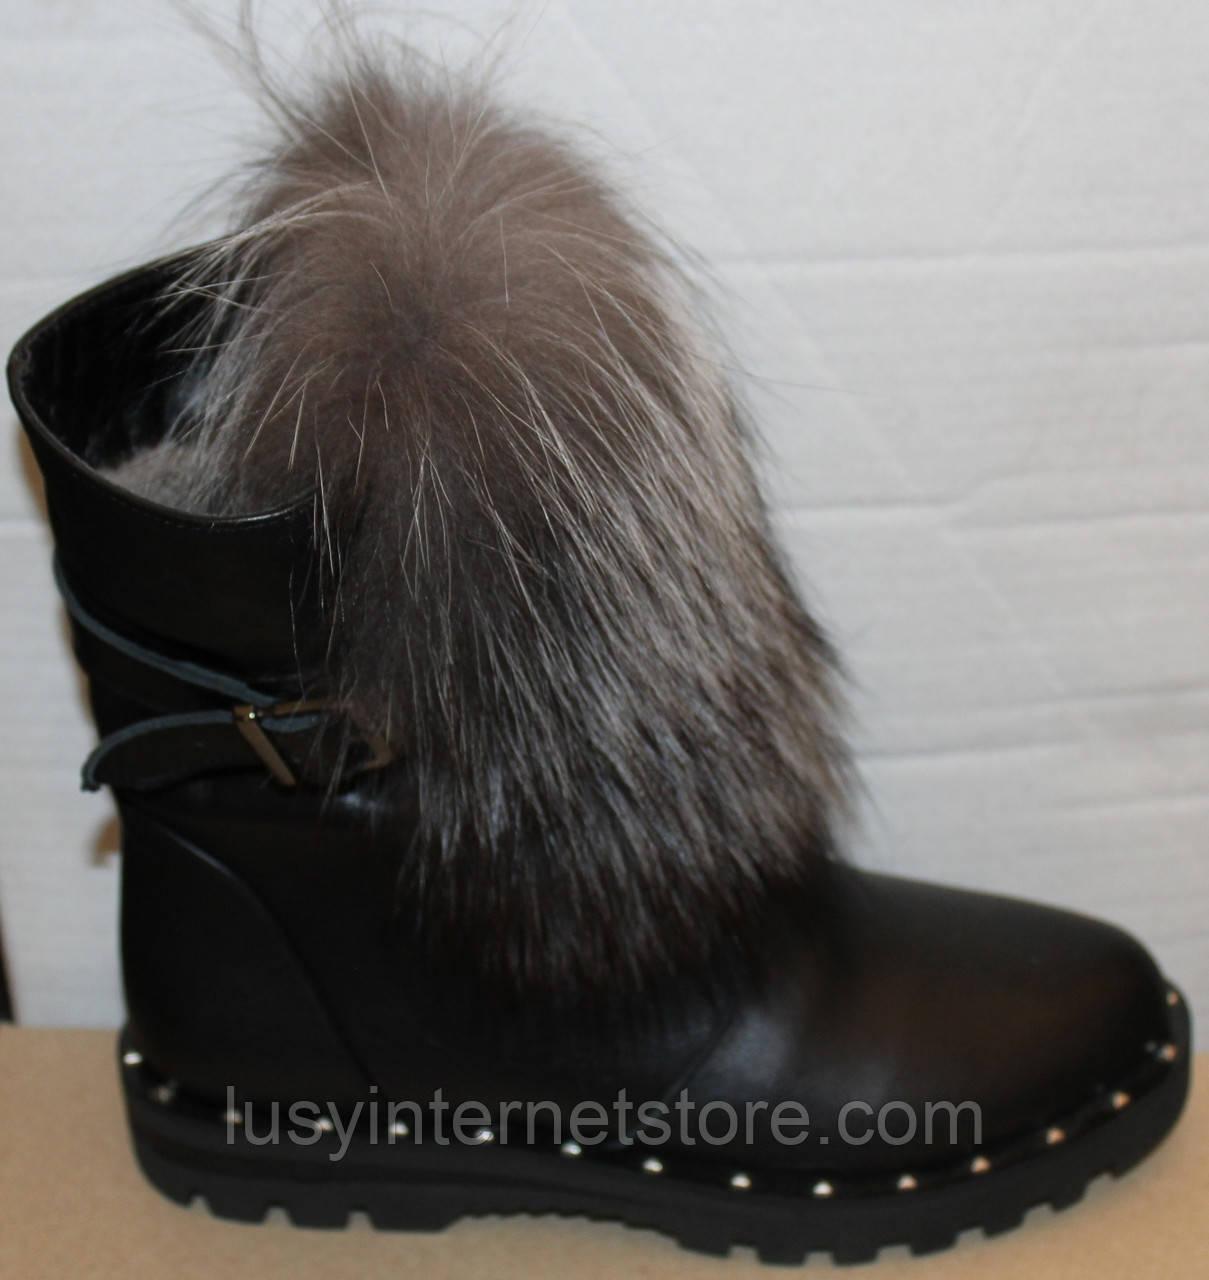 Ботинки молодежные женские с натуральным мехом на каблуке от производителя модель УН436